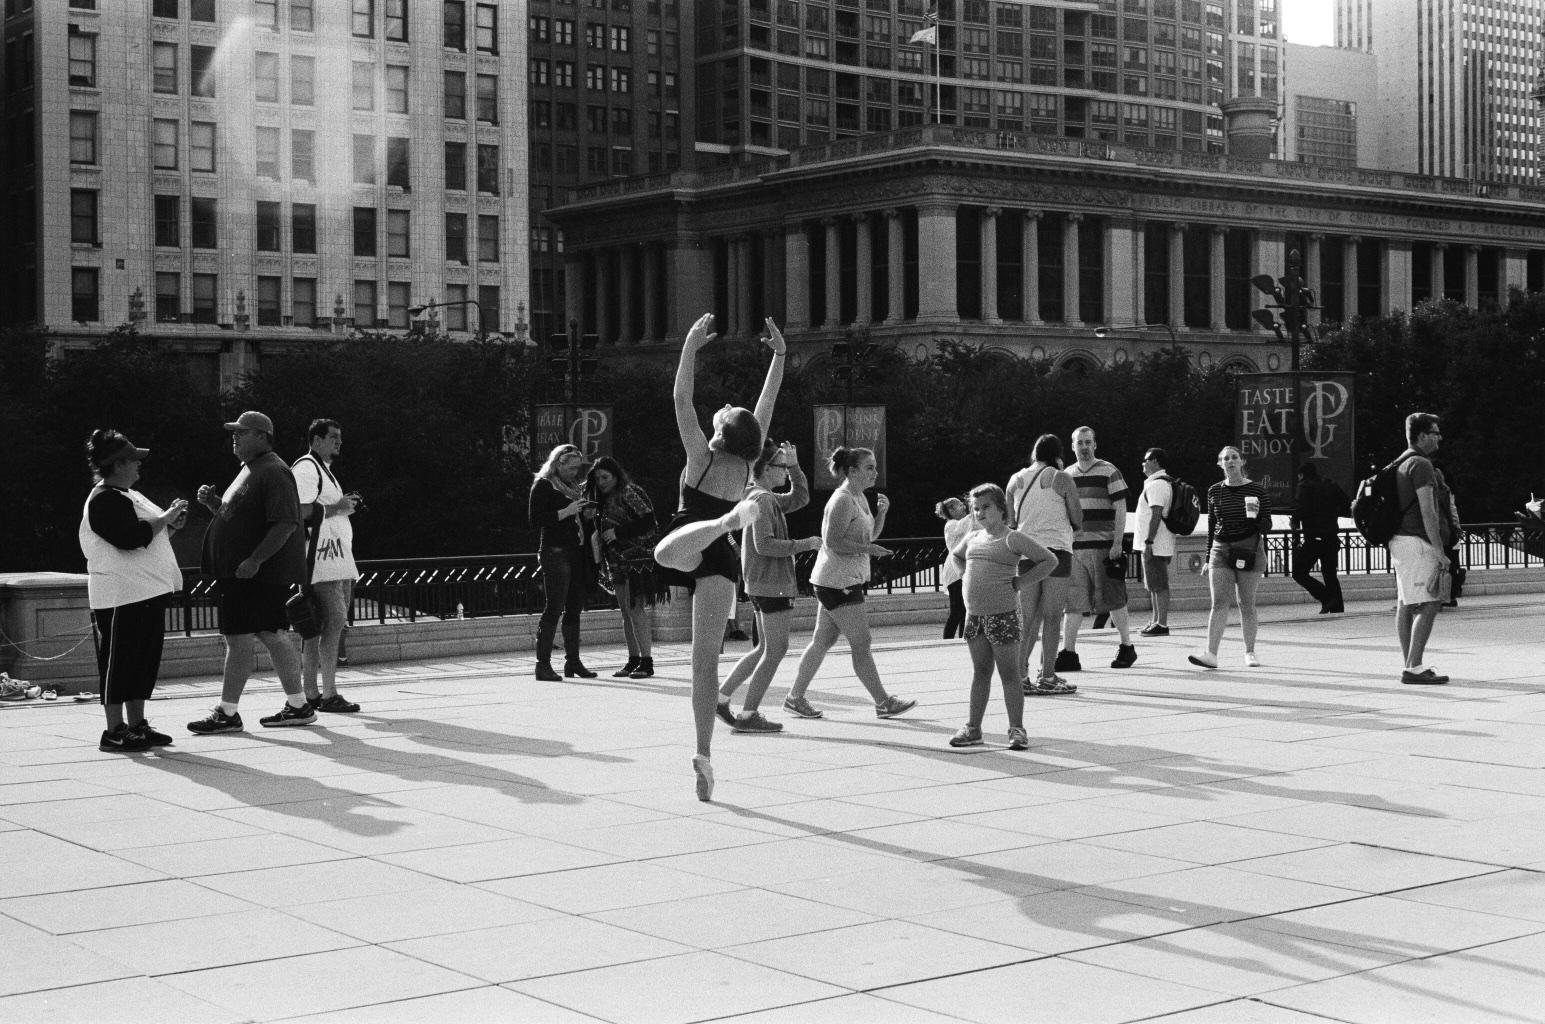 007_ChicagoBallerina.jpg